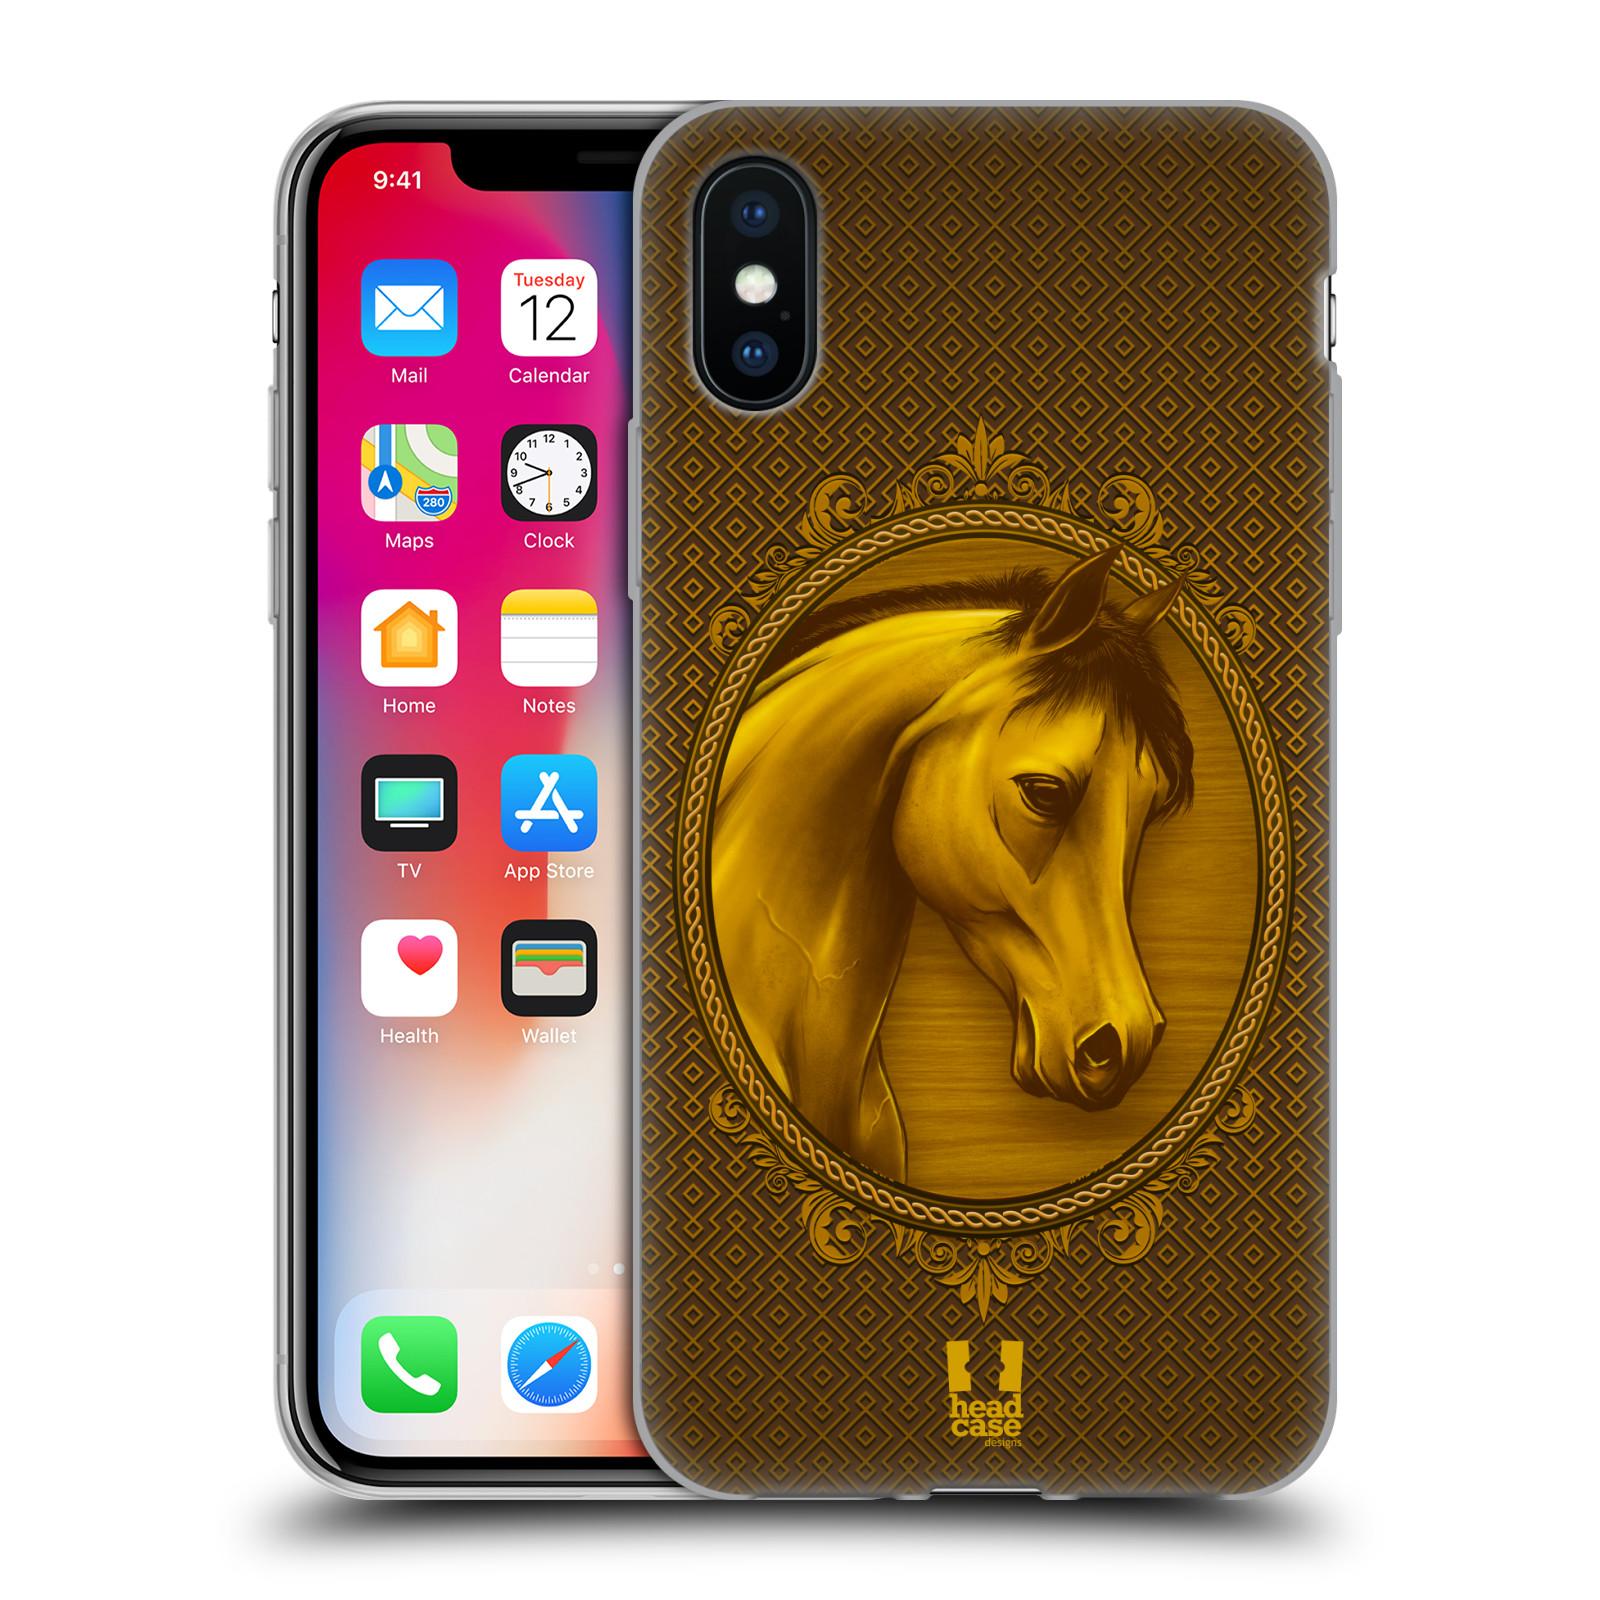 Silikonové pouzdro na mobil Apple iPhone XS - Head Case - KRÁLOVSKÝ KONÍK